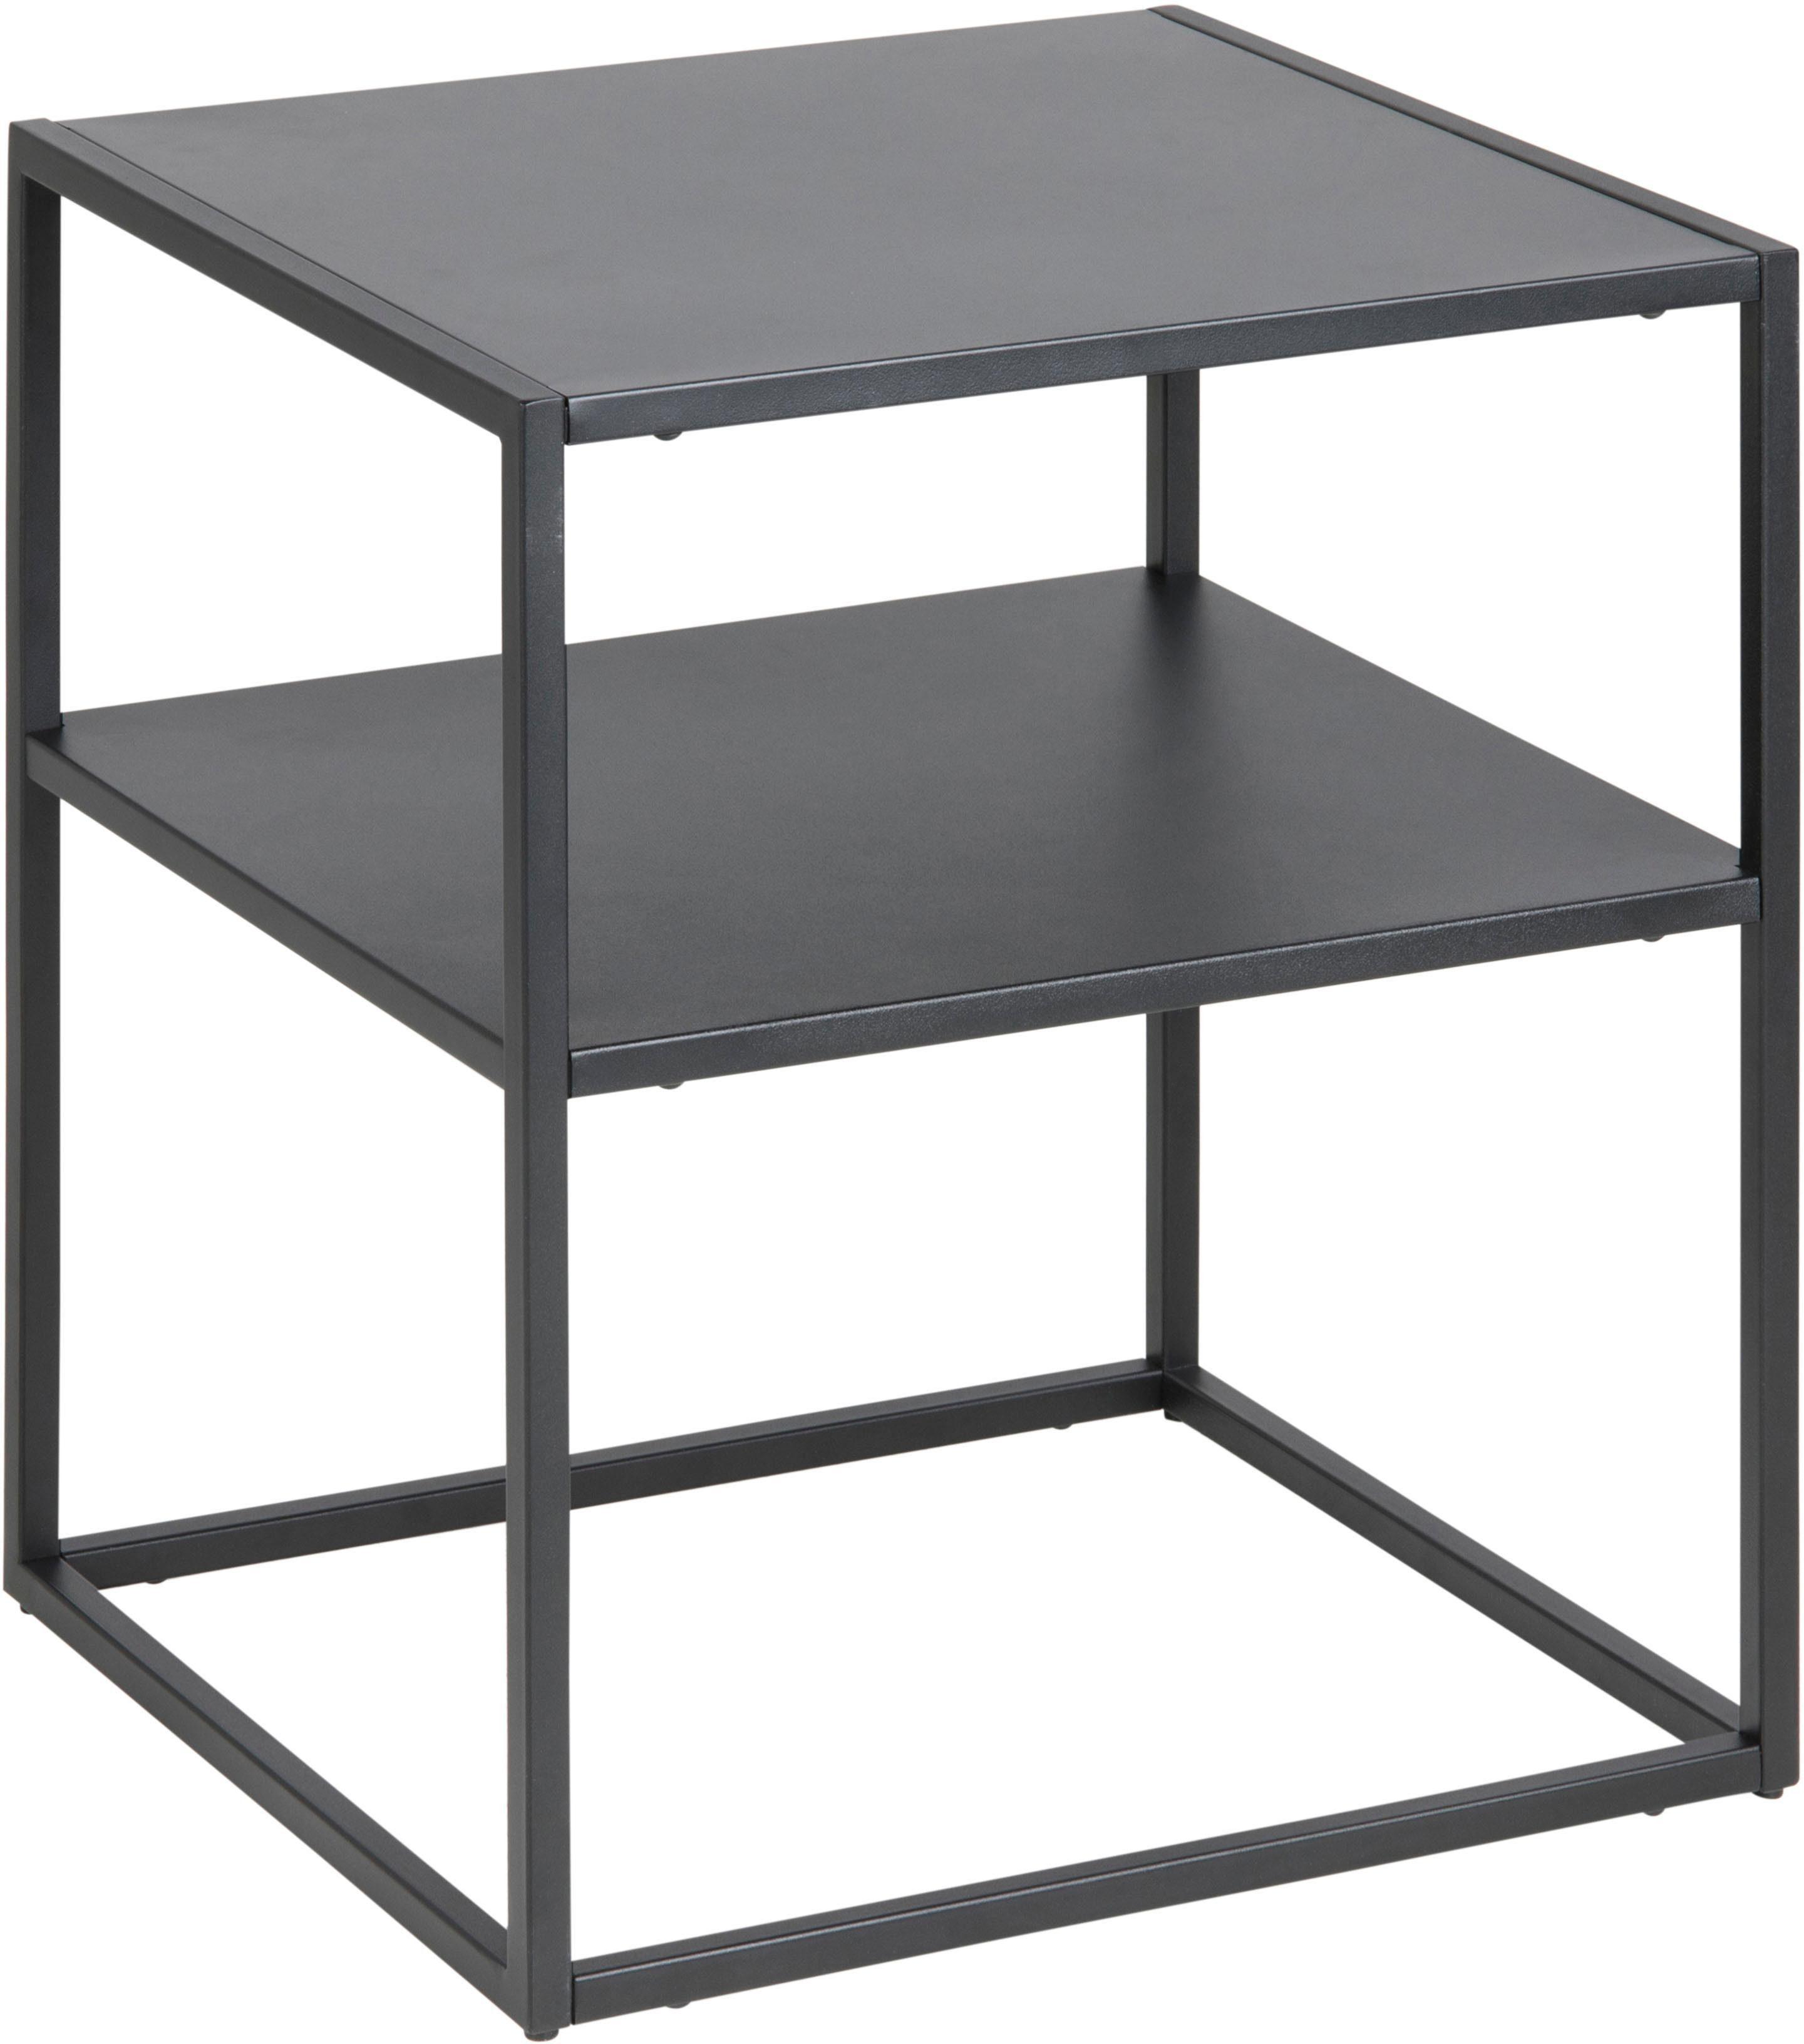 andas Nachttisch »Vilho« aus einem schönen, schwarzem Metallgestell, Höhe 50, 5 cm